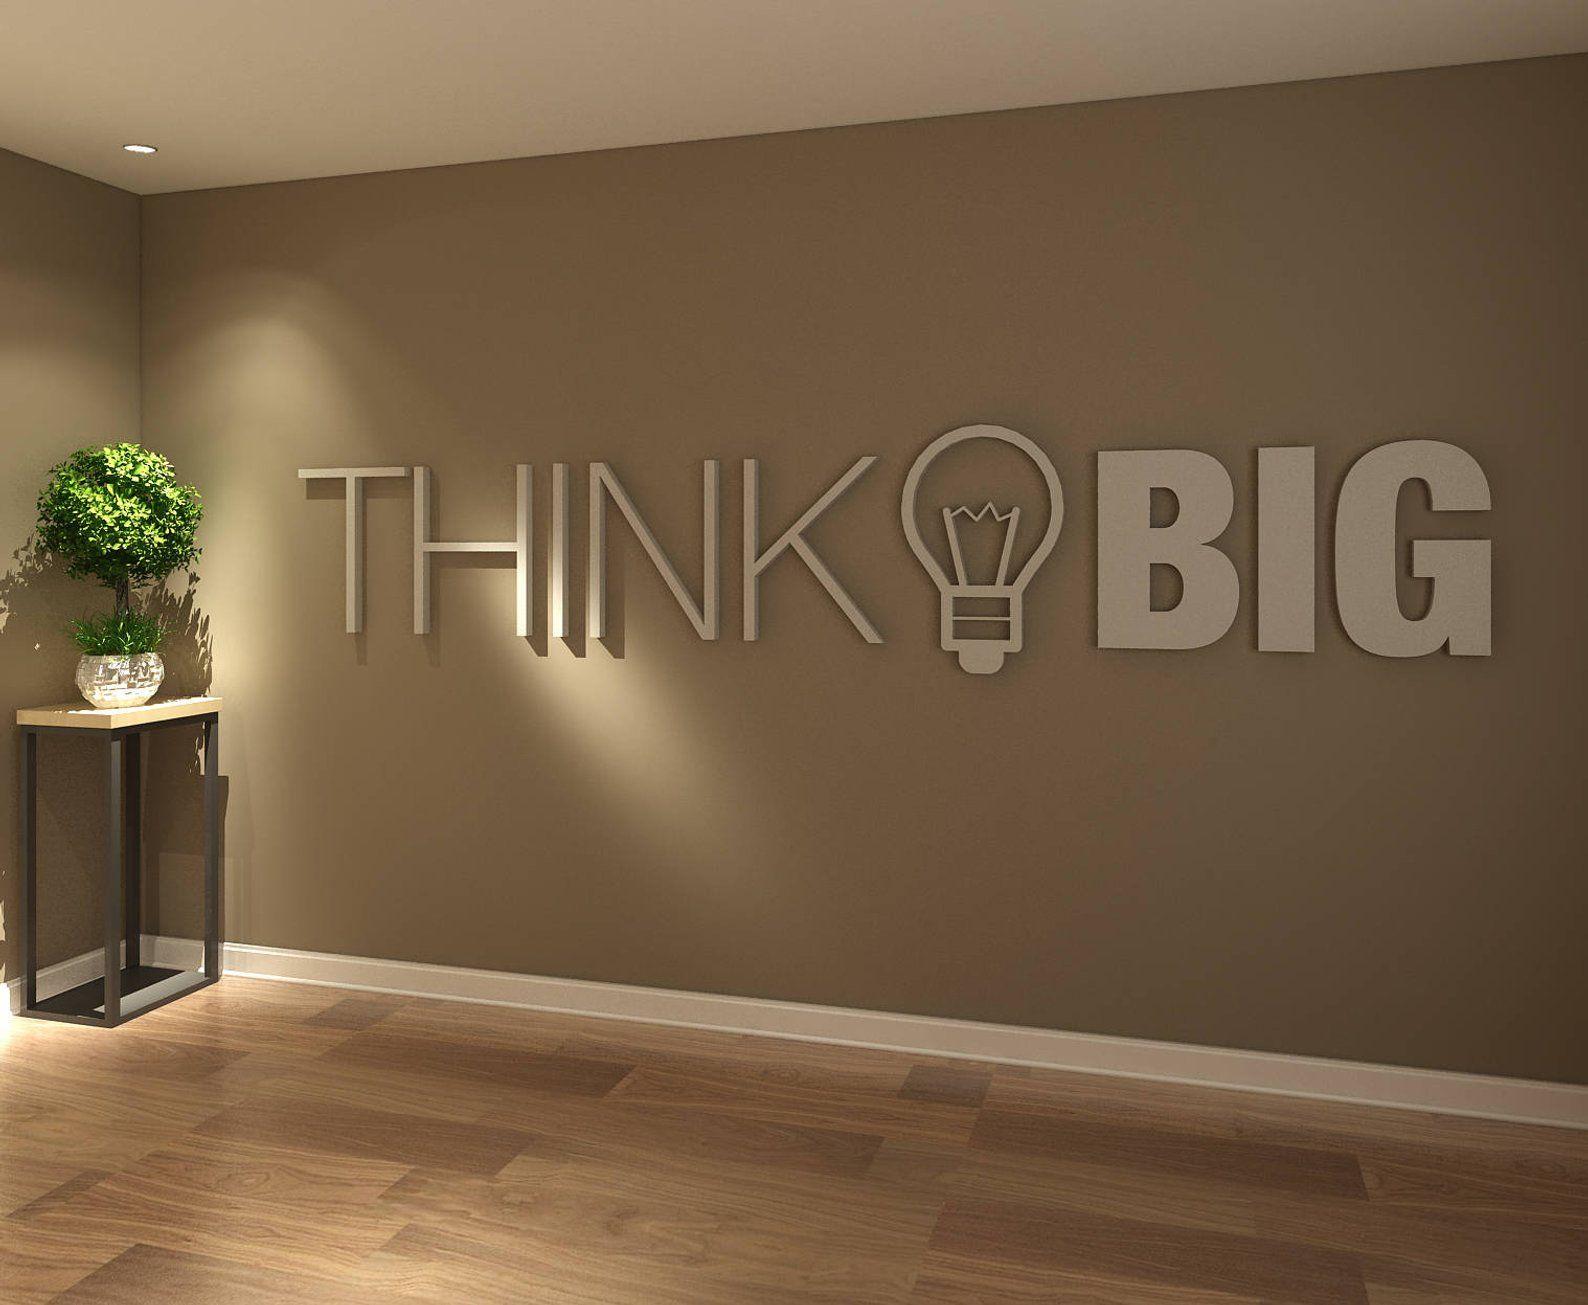 Décoration Murale Bureau Entreprise think big, bureau, deco bureau, décoration de bureau, bureau